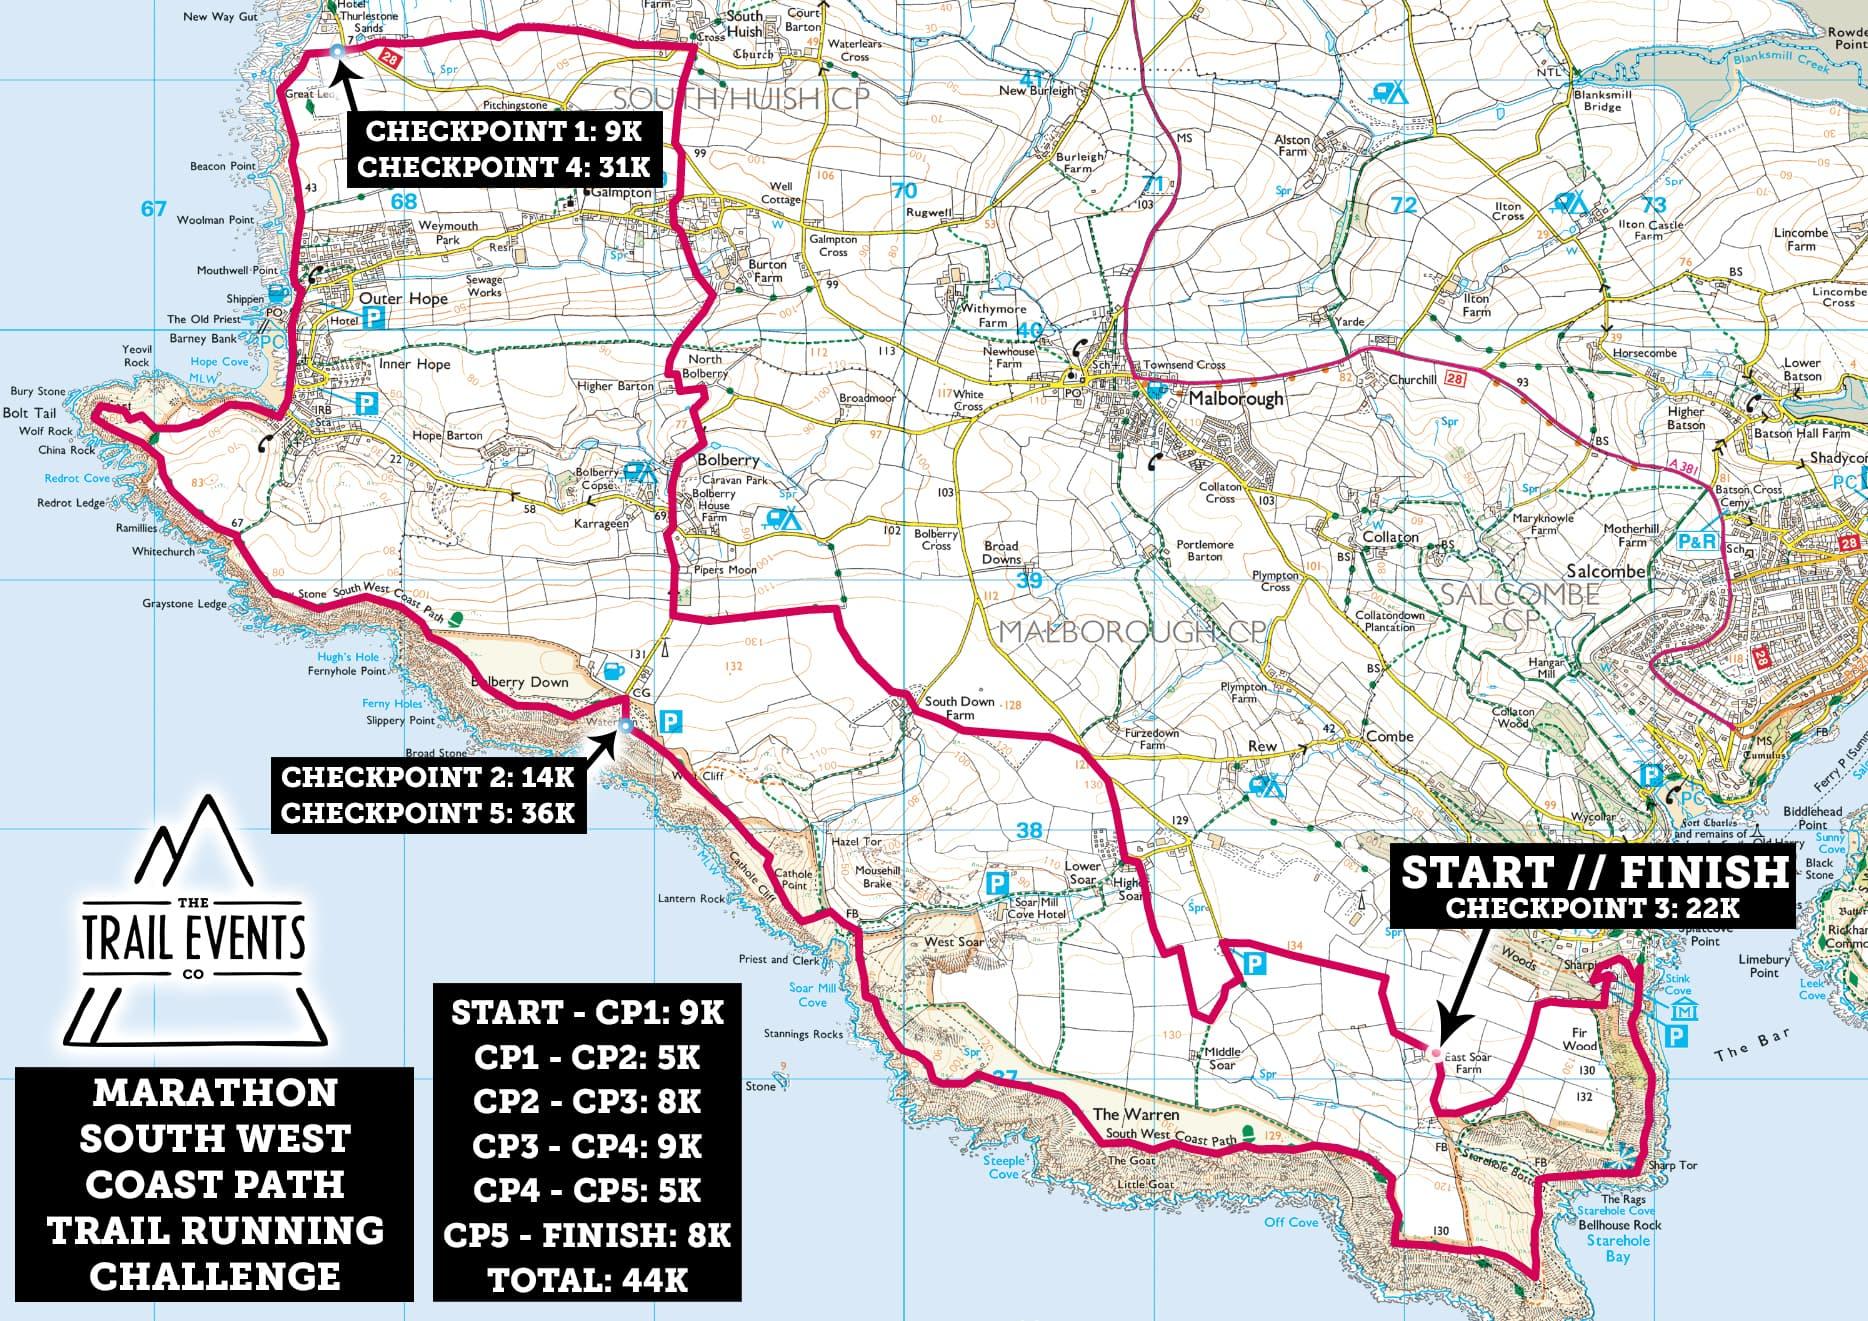 SWCP Marathon Route